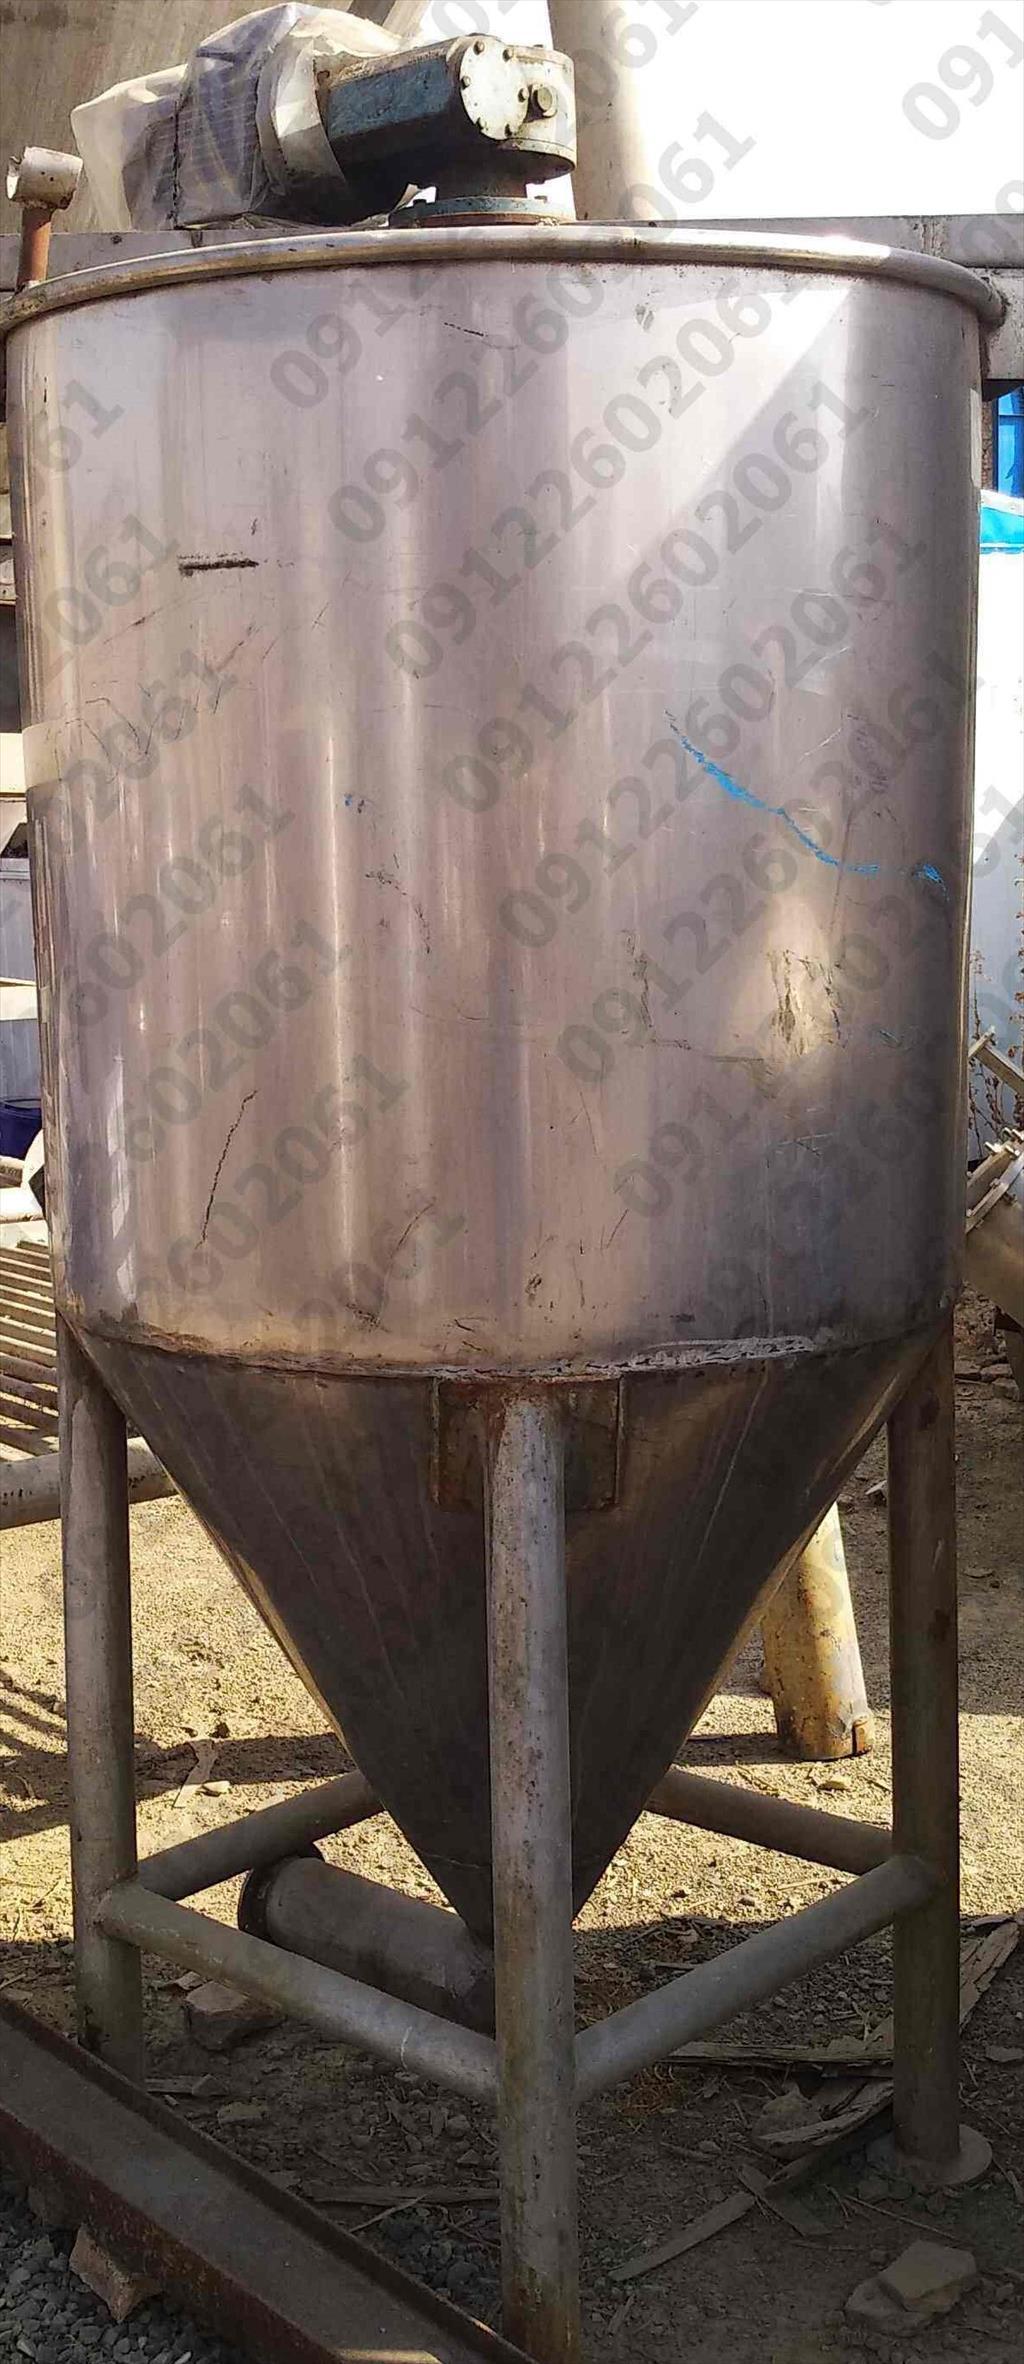 یک مخزن استیل با مشخصات زیر و قیمت مناسب به فروش میرسد:<br/>حجم مخزن: 1100 لیتر<br/>ارتفاع 250<br/>جنس ورق: استیل 304  industry machinary machinary